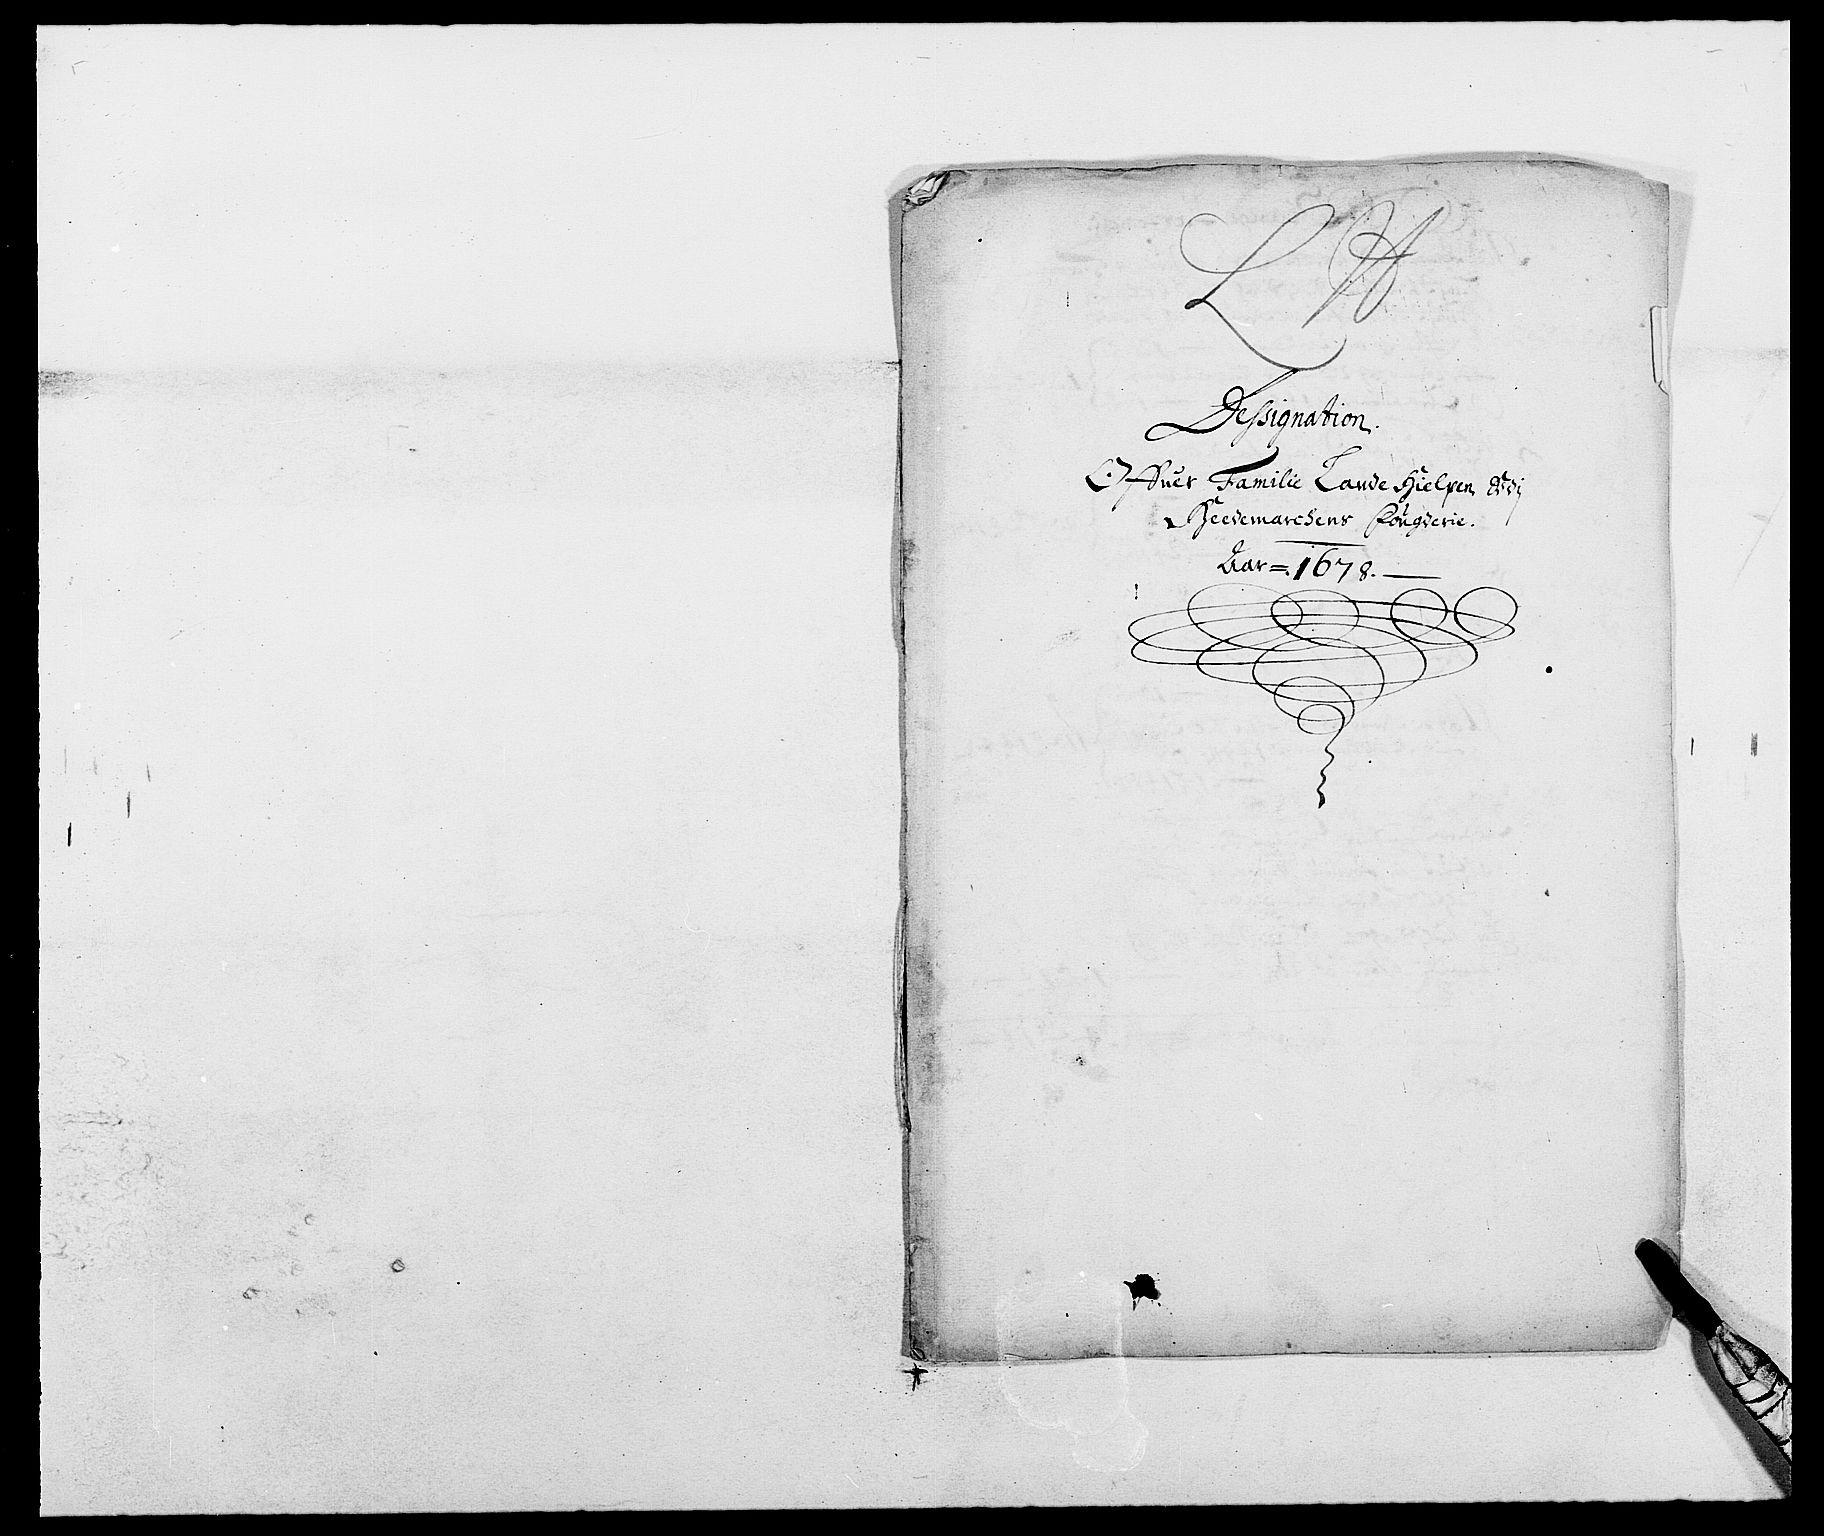 RA, Rentekammeret inntil 1814, Reviderte regnskaper, Fogderegnskap, R16/L1017: Fogderegnskap Hedmark, 1678-1679, s. 281